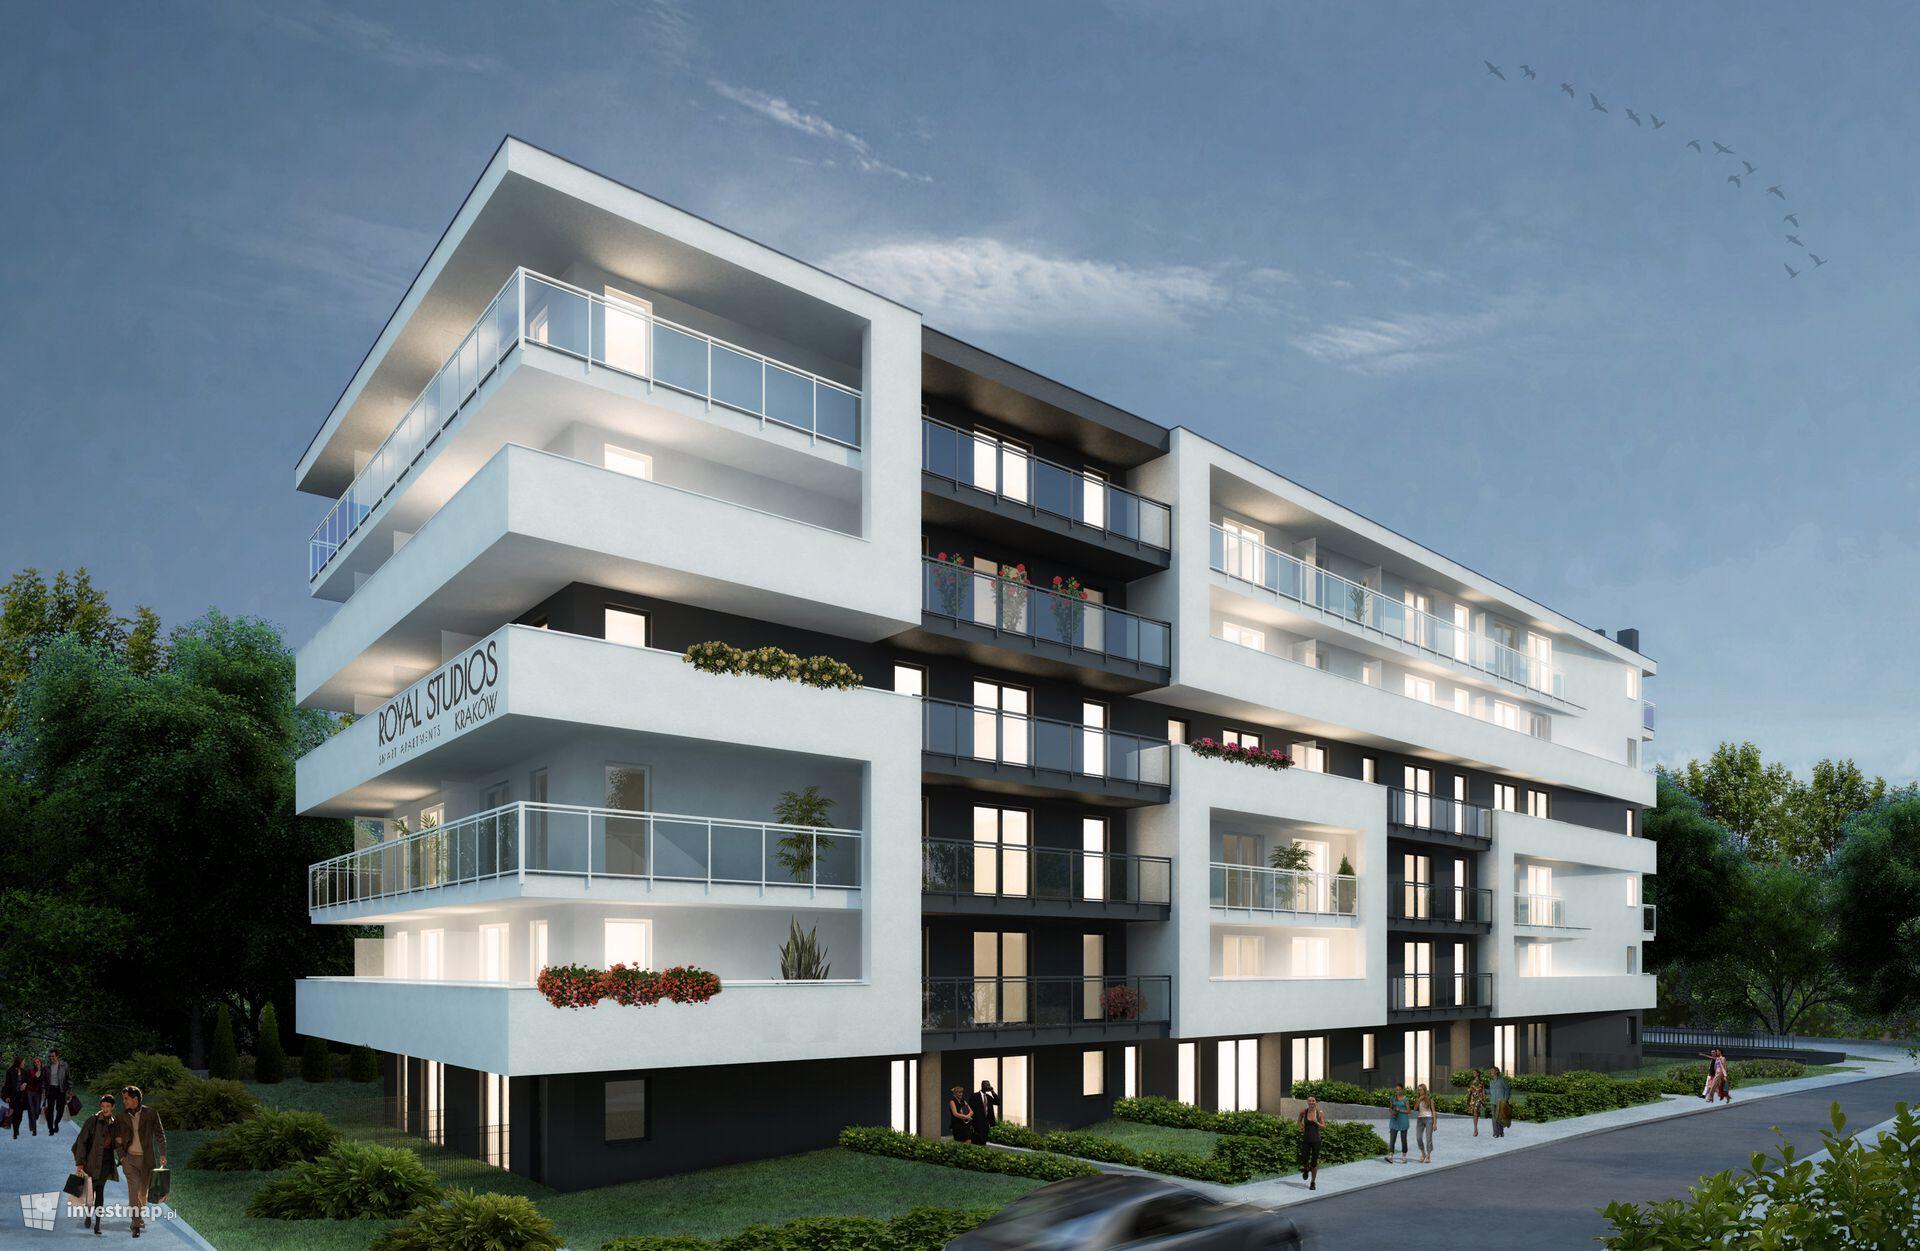 Royal Studios Smart Apartments